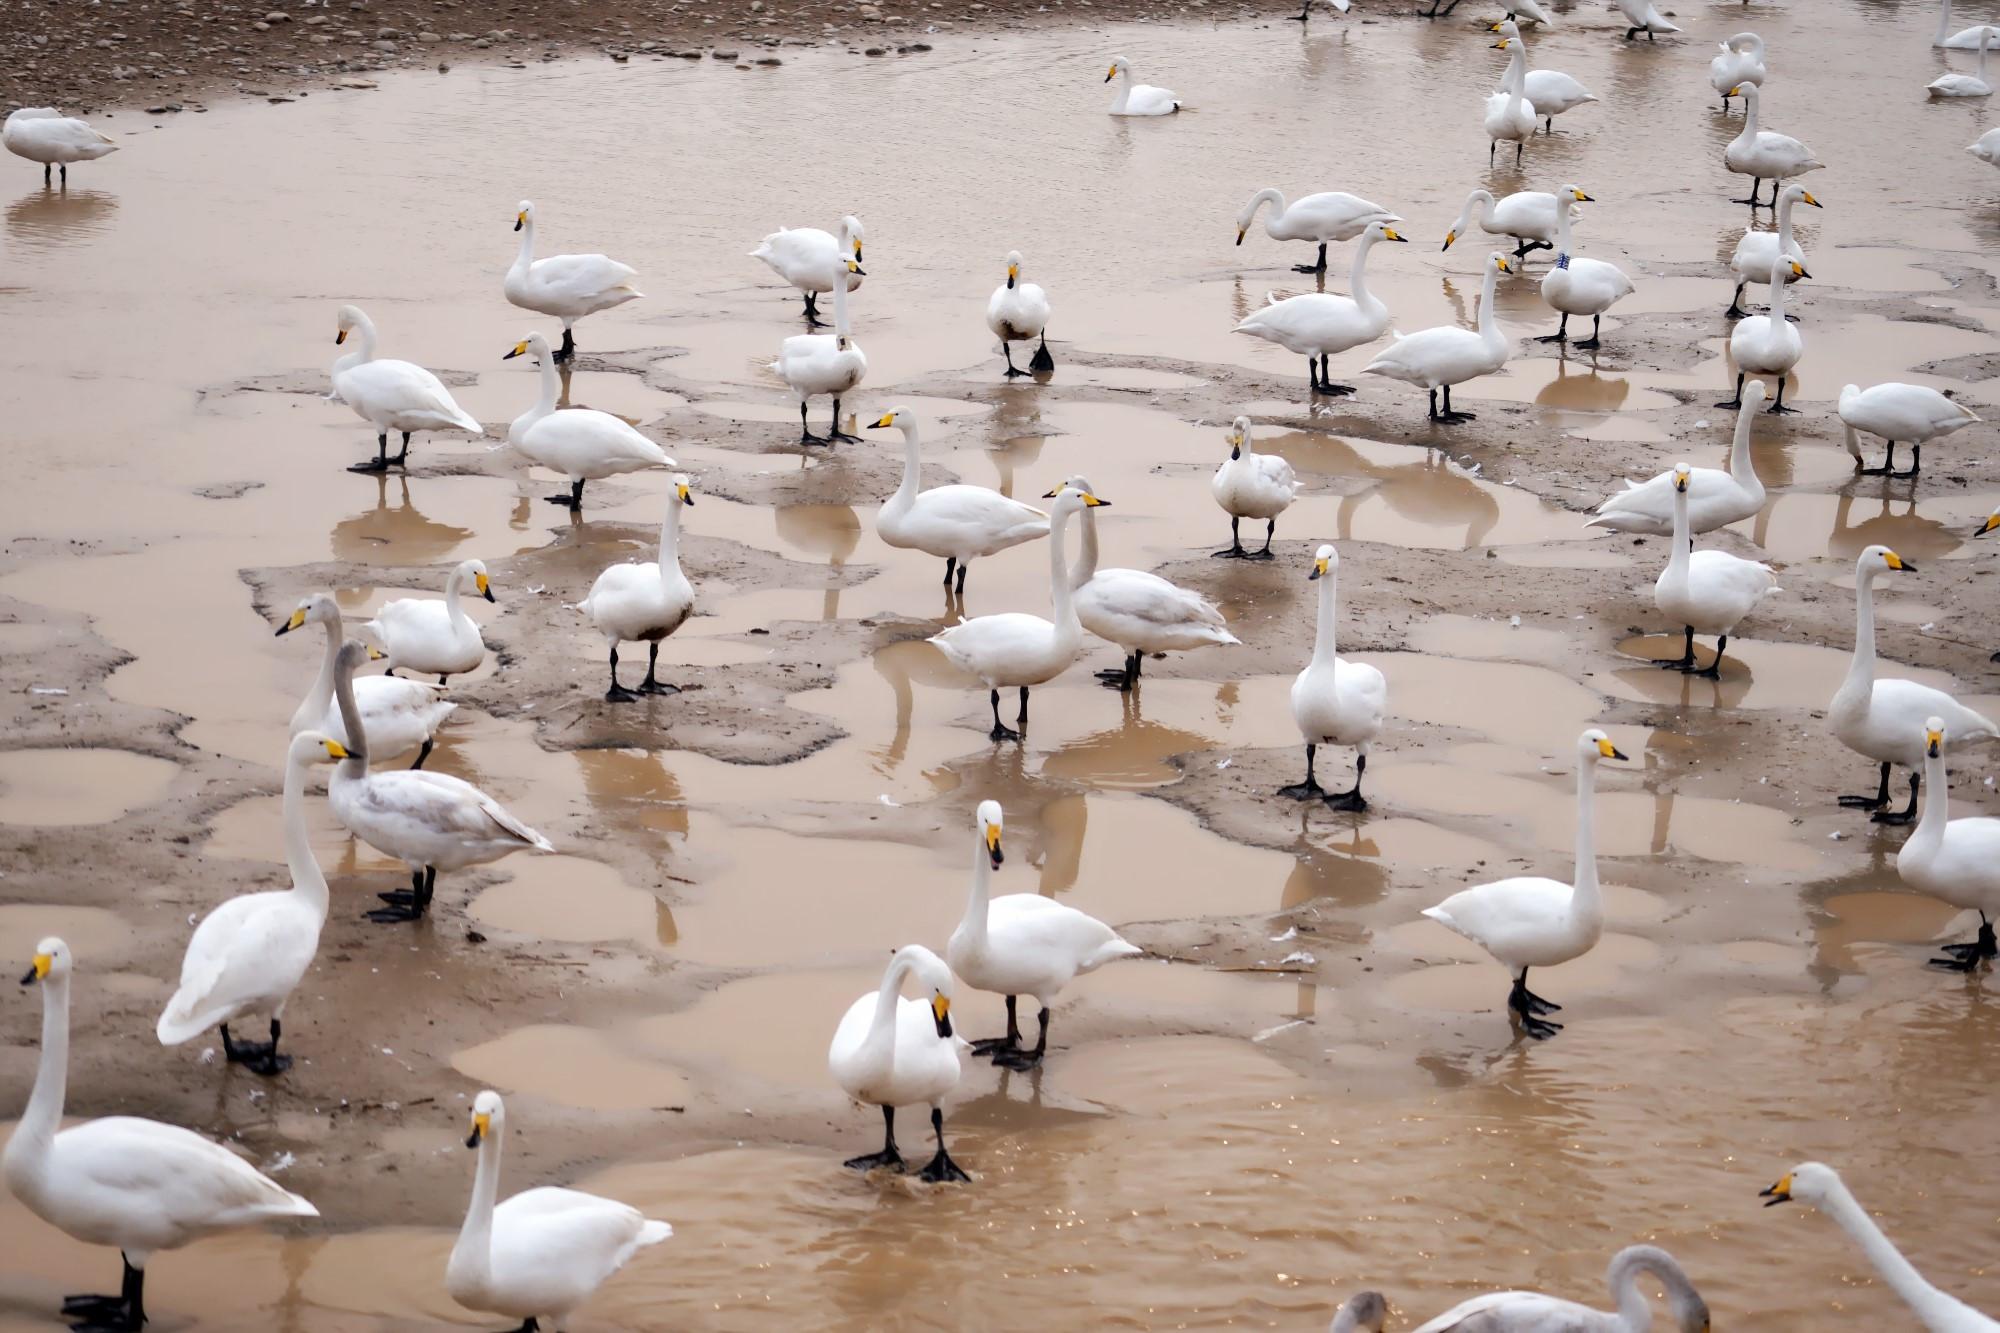 三门峡天鹅湖上万只野天鹅落脚,免费让游人欣赏